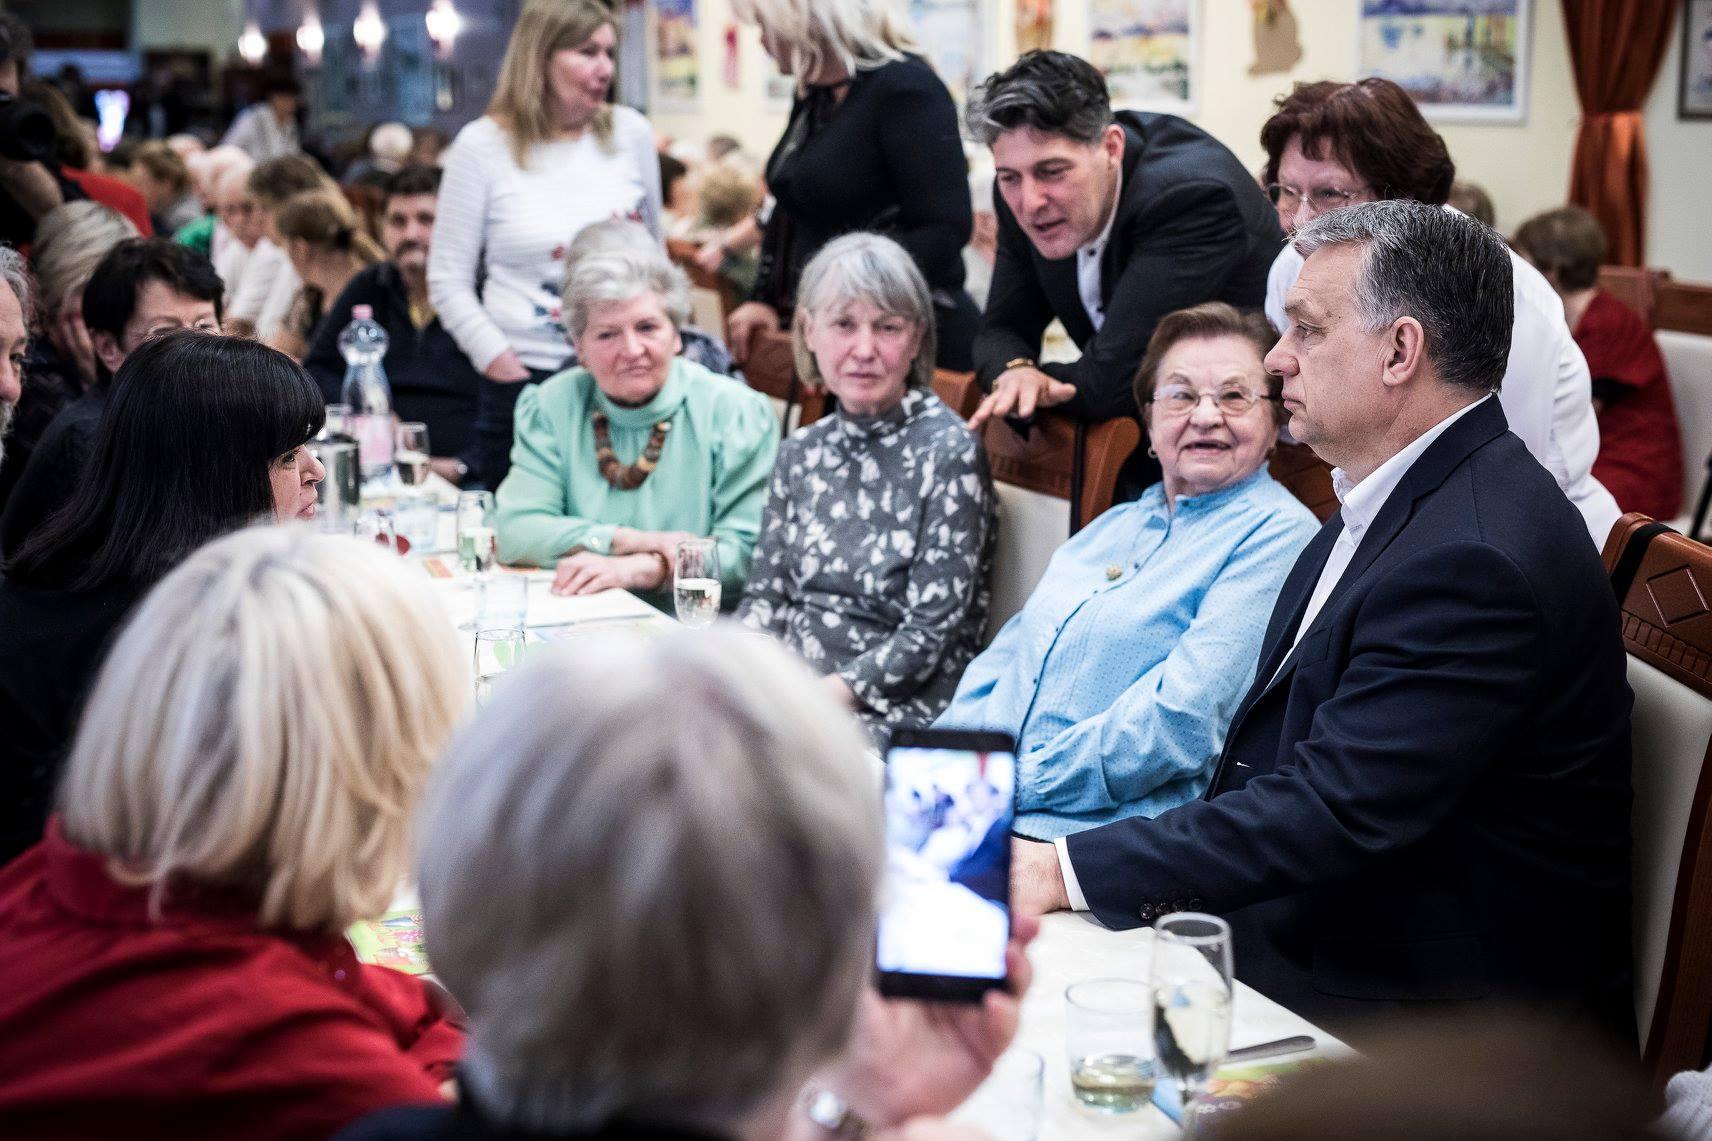 2100-ra 100 munkaképes korú magyarra 55-60 65 évesnél idősebb ember jut majd